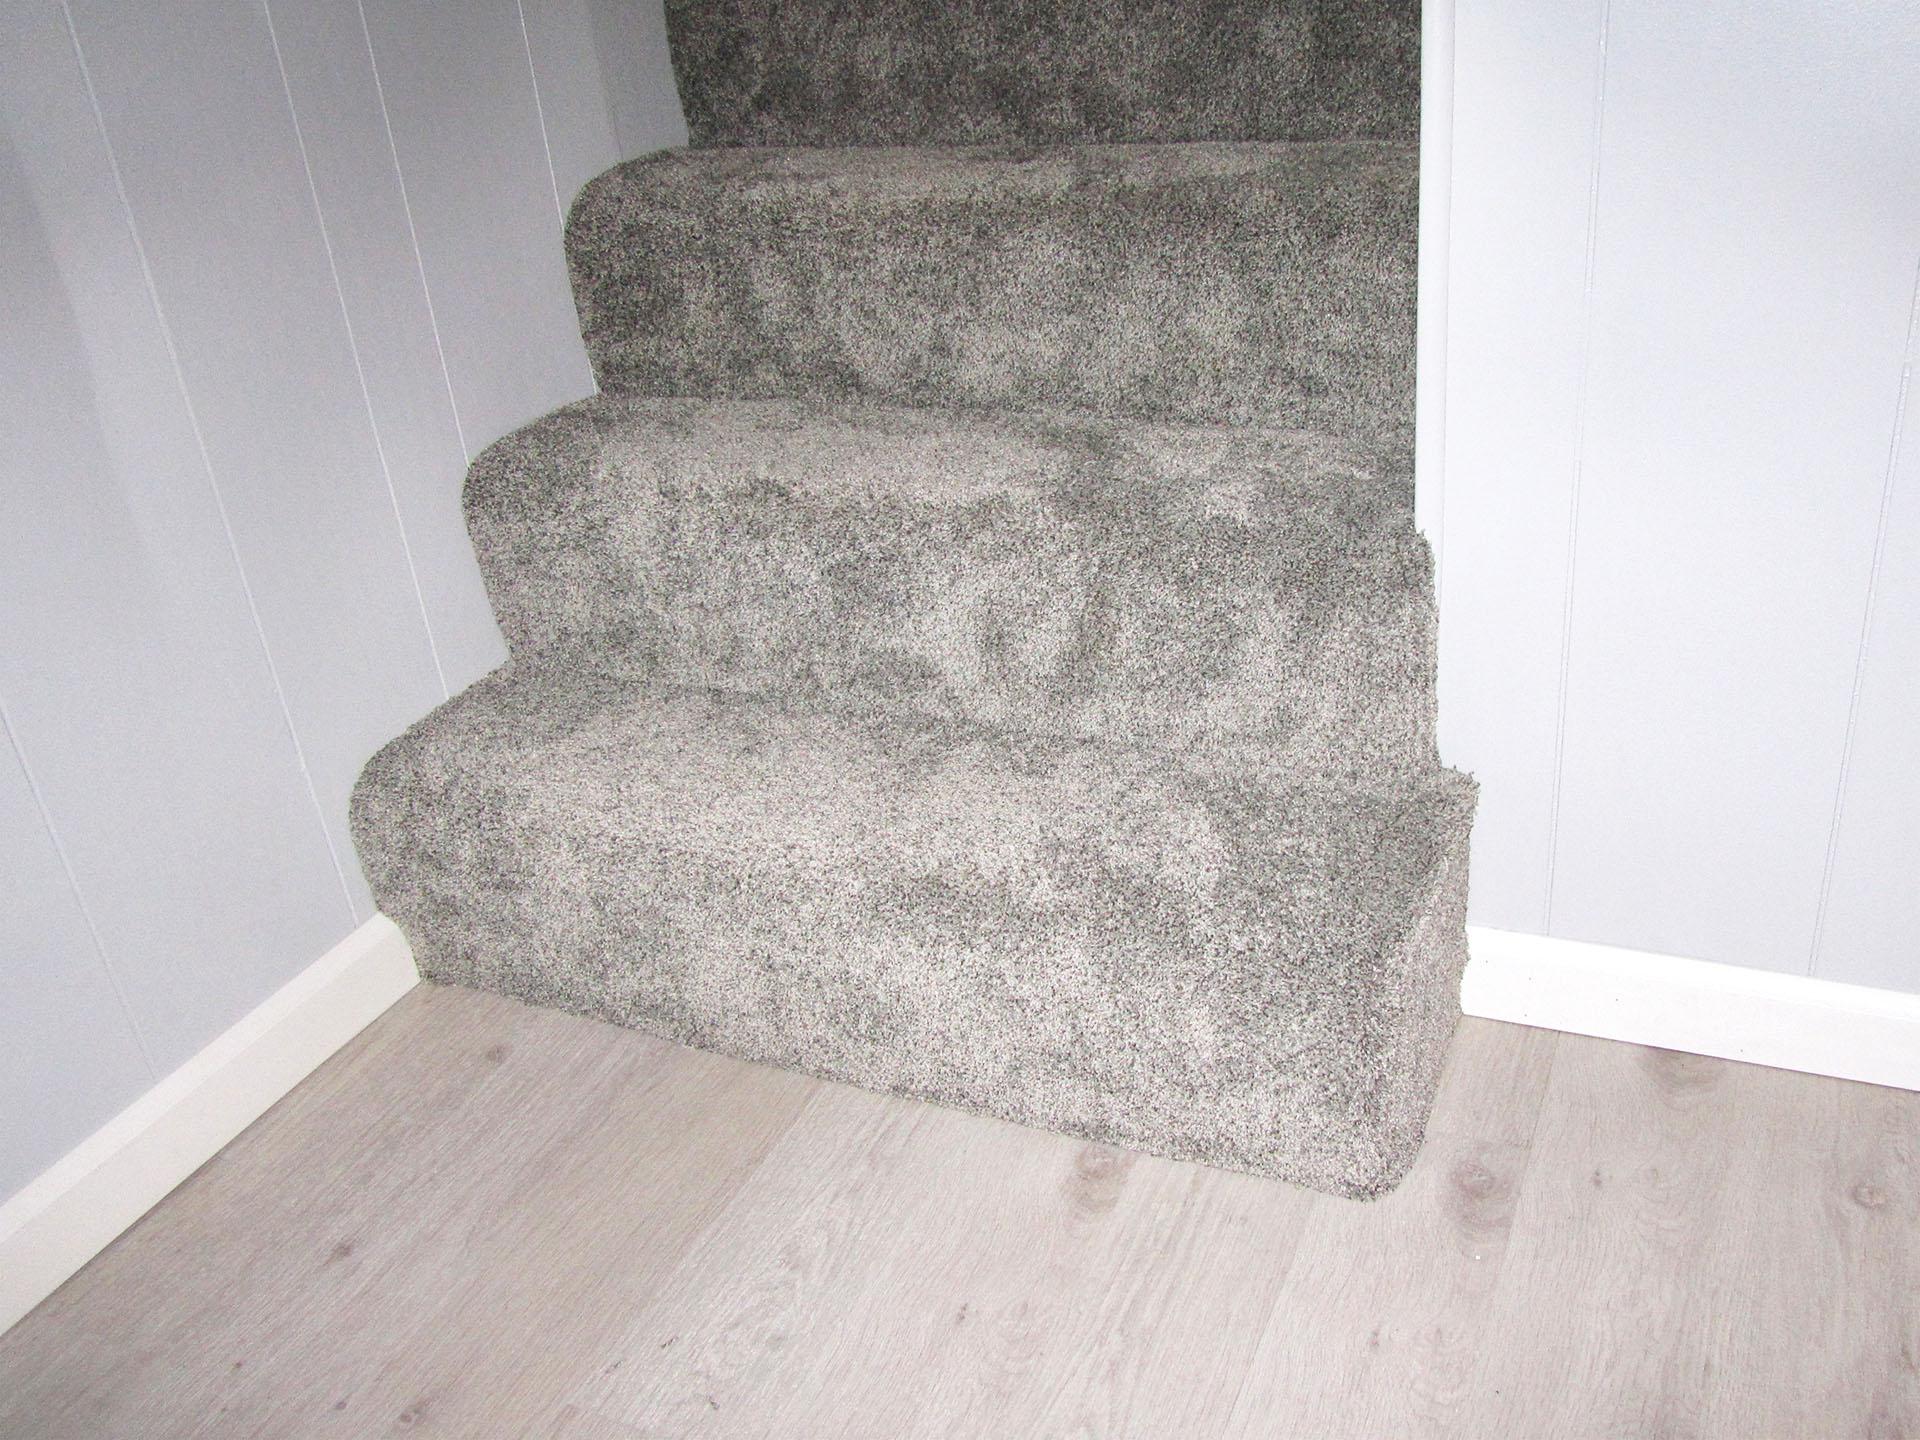 mike-marinari-basement-stairs-carpet-1920-IMG_0845.jpg